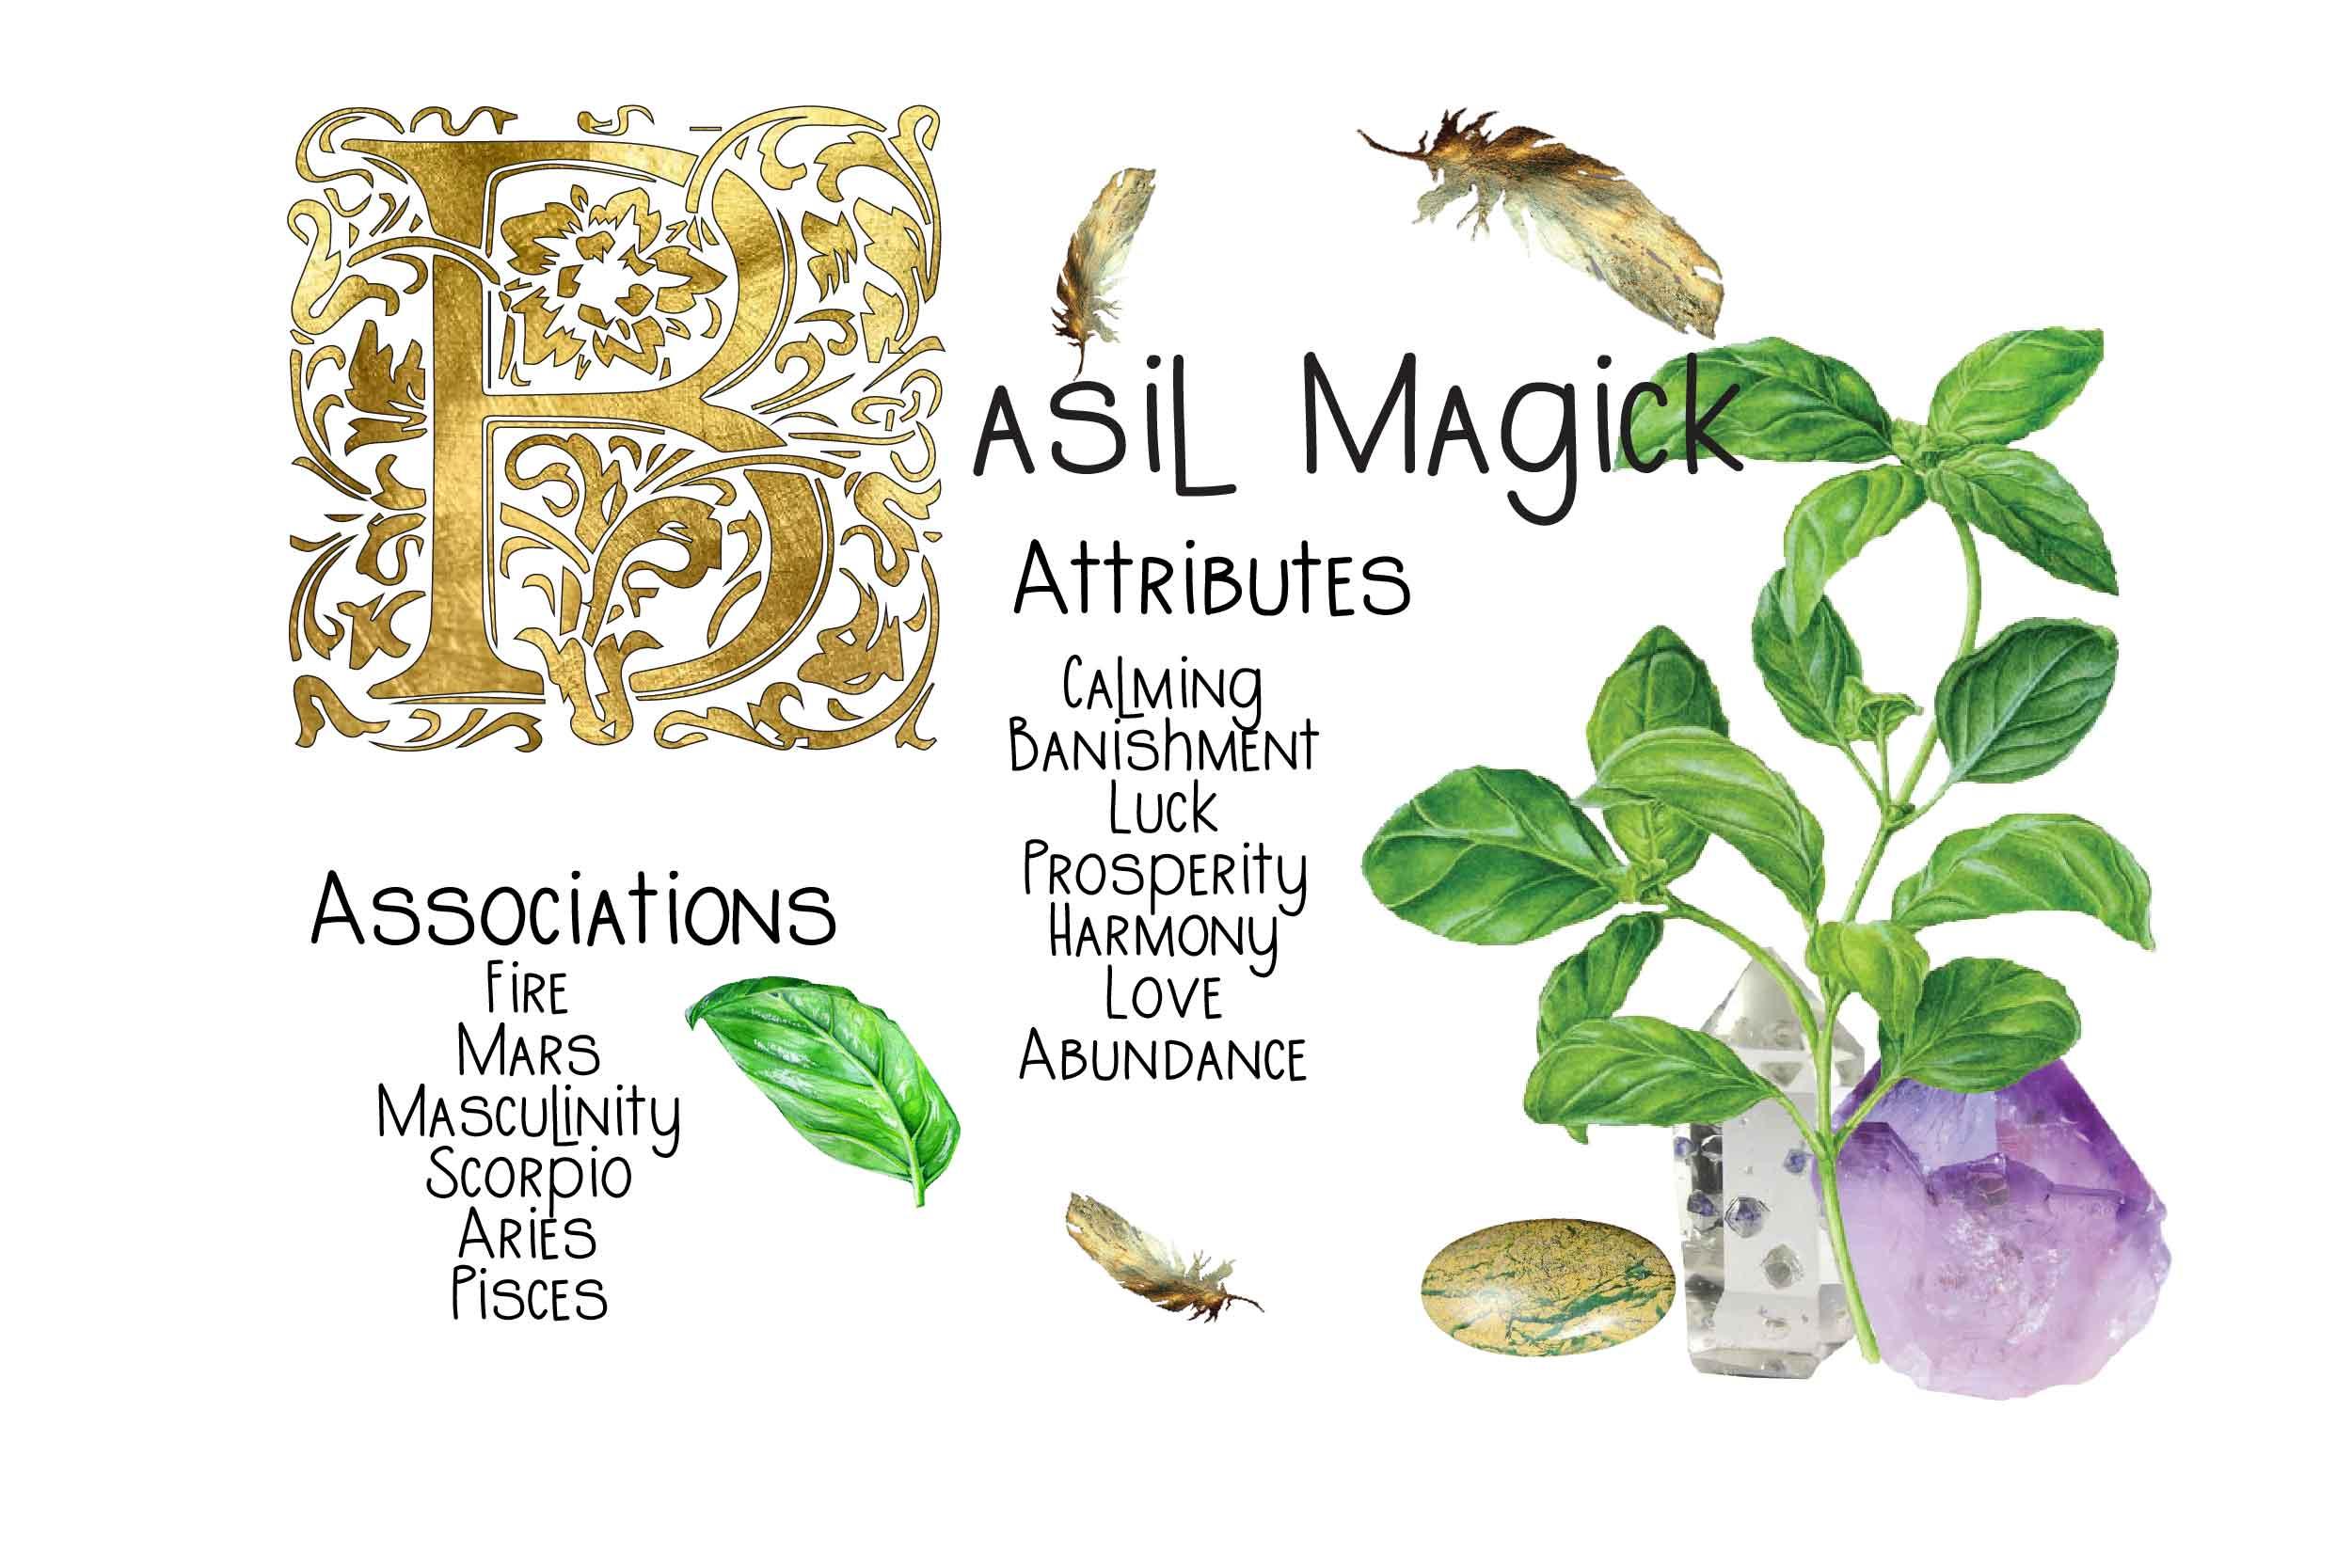 Basil Magick